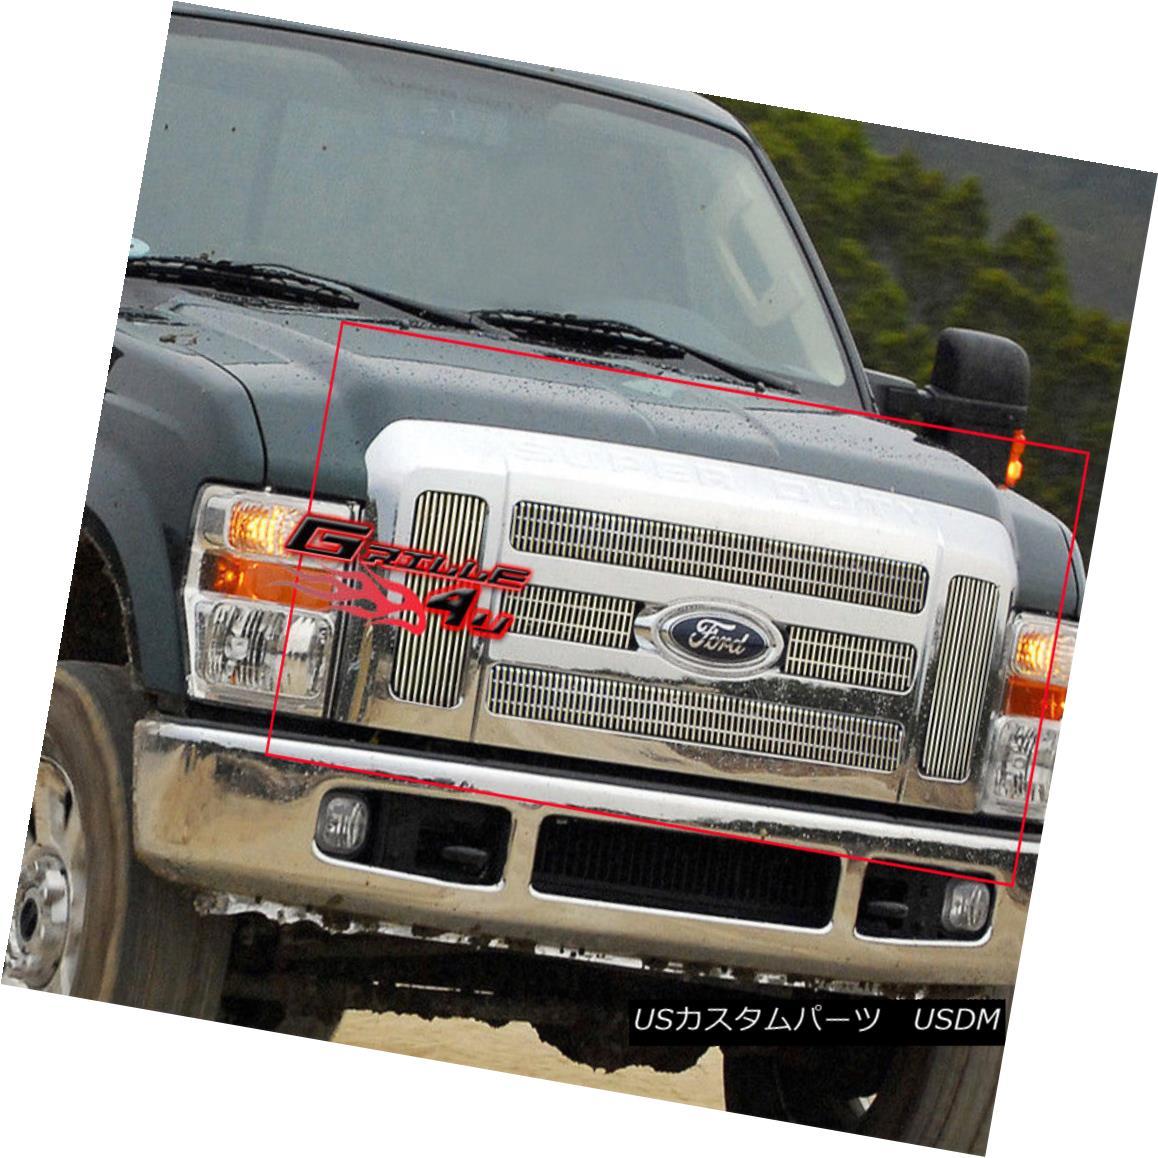 グリル For 08-10 Ford F-250/F-350 SD Vertical Billet Grille Insert 08-10フォードF-250 / F-350 SD用垂直ビレットグリルインサート